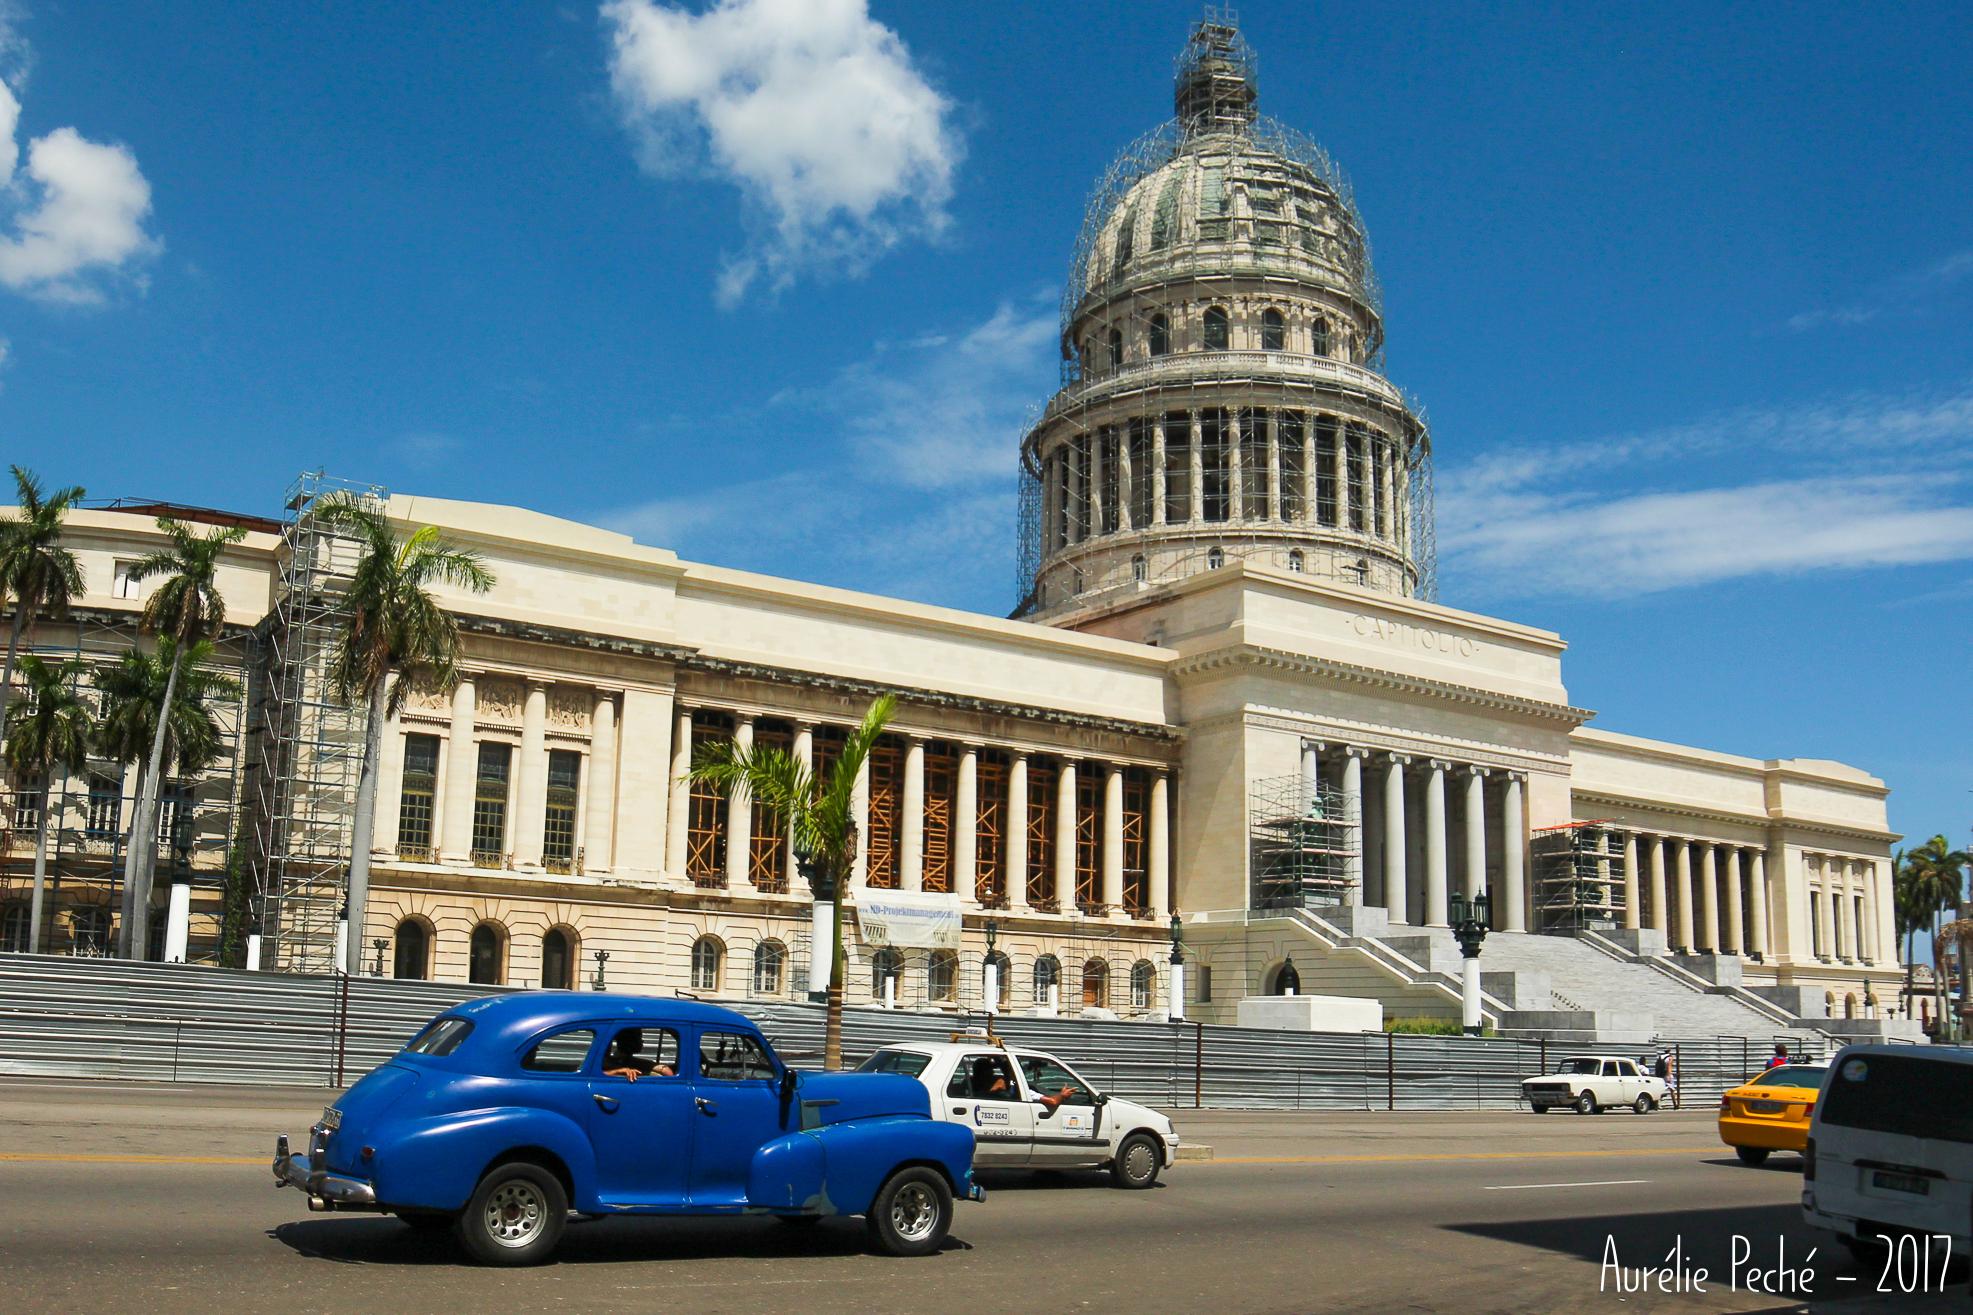 Le départ des tours de la ville se fait devant le Capitole